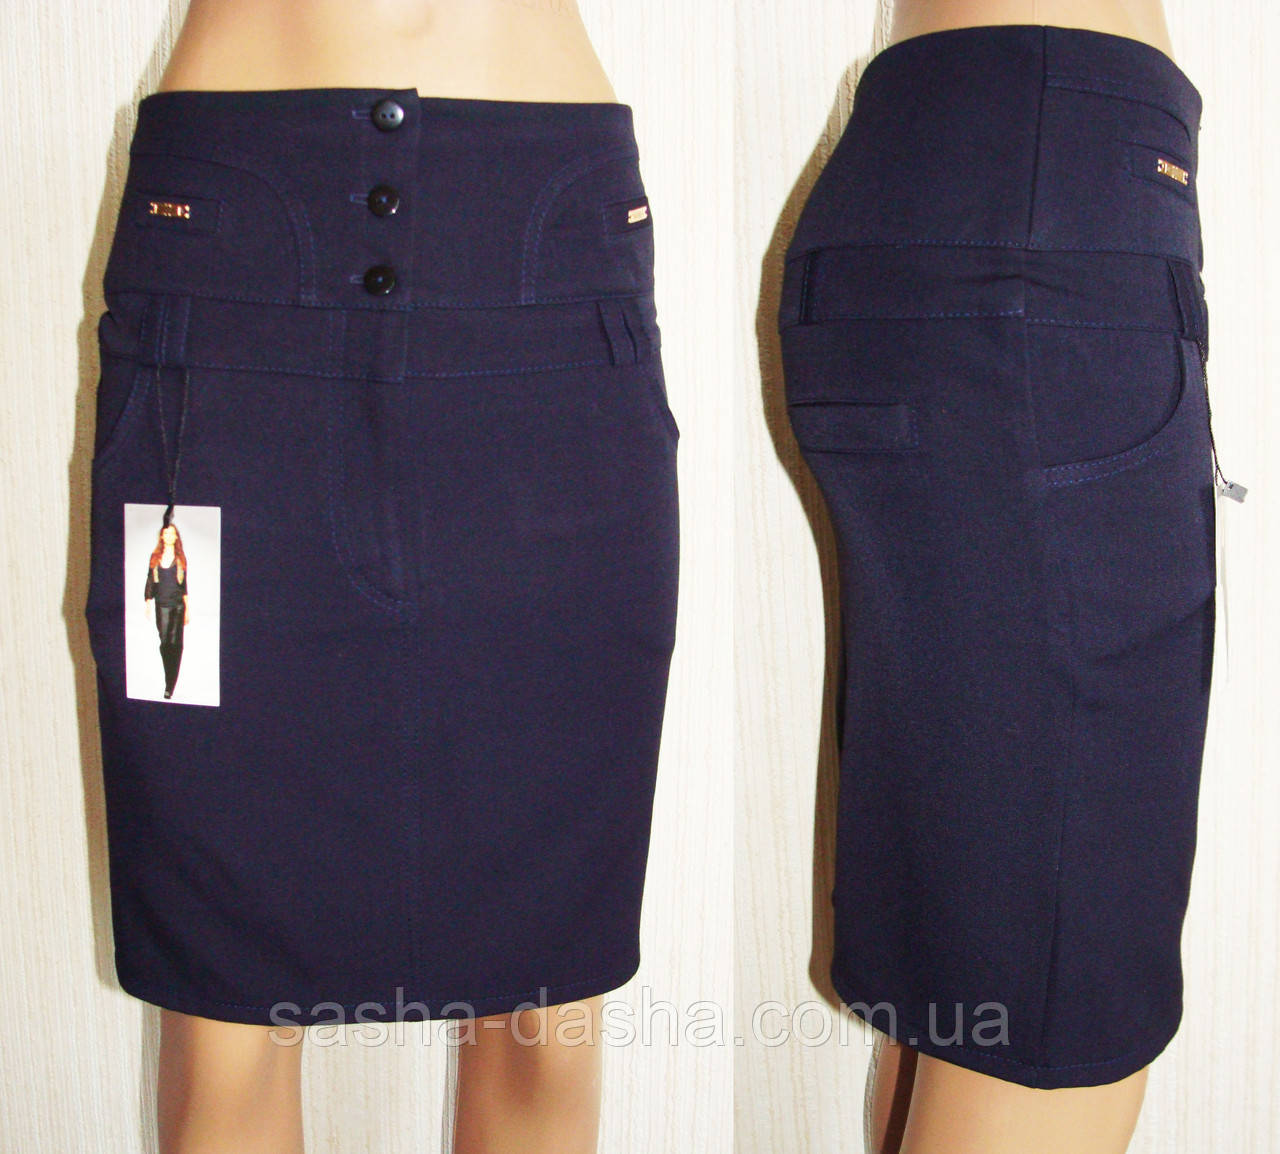 Купить школьные юбки для старшеклассниц